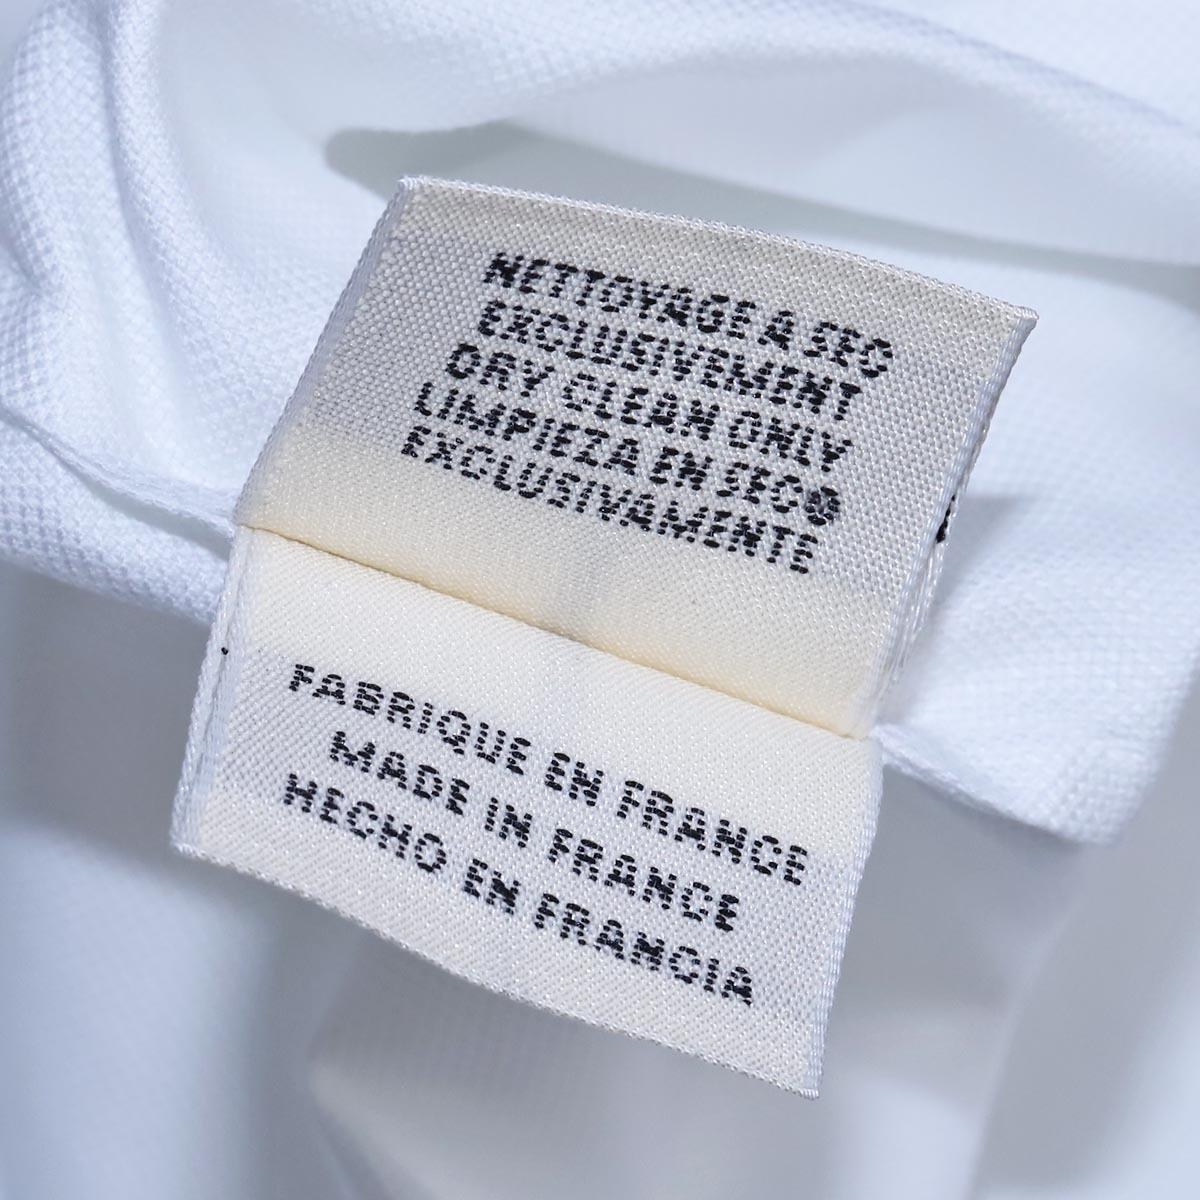 本物 エルメス 極希少 マルジェラ期 シェル釦 ポケット付きノースリーブシャツ サイズ36 ホワイト トップス ベスト ブラウス HERMES_画像8